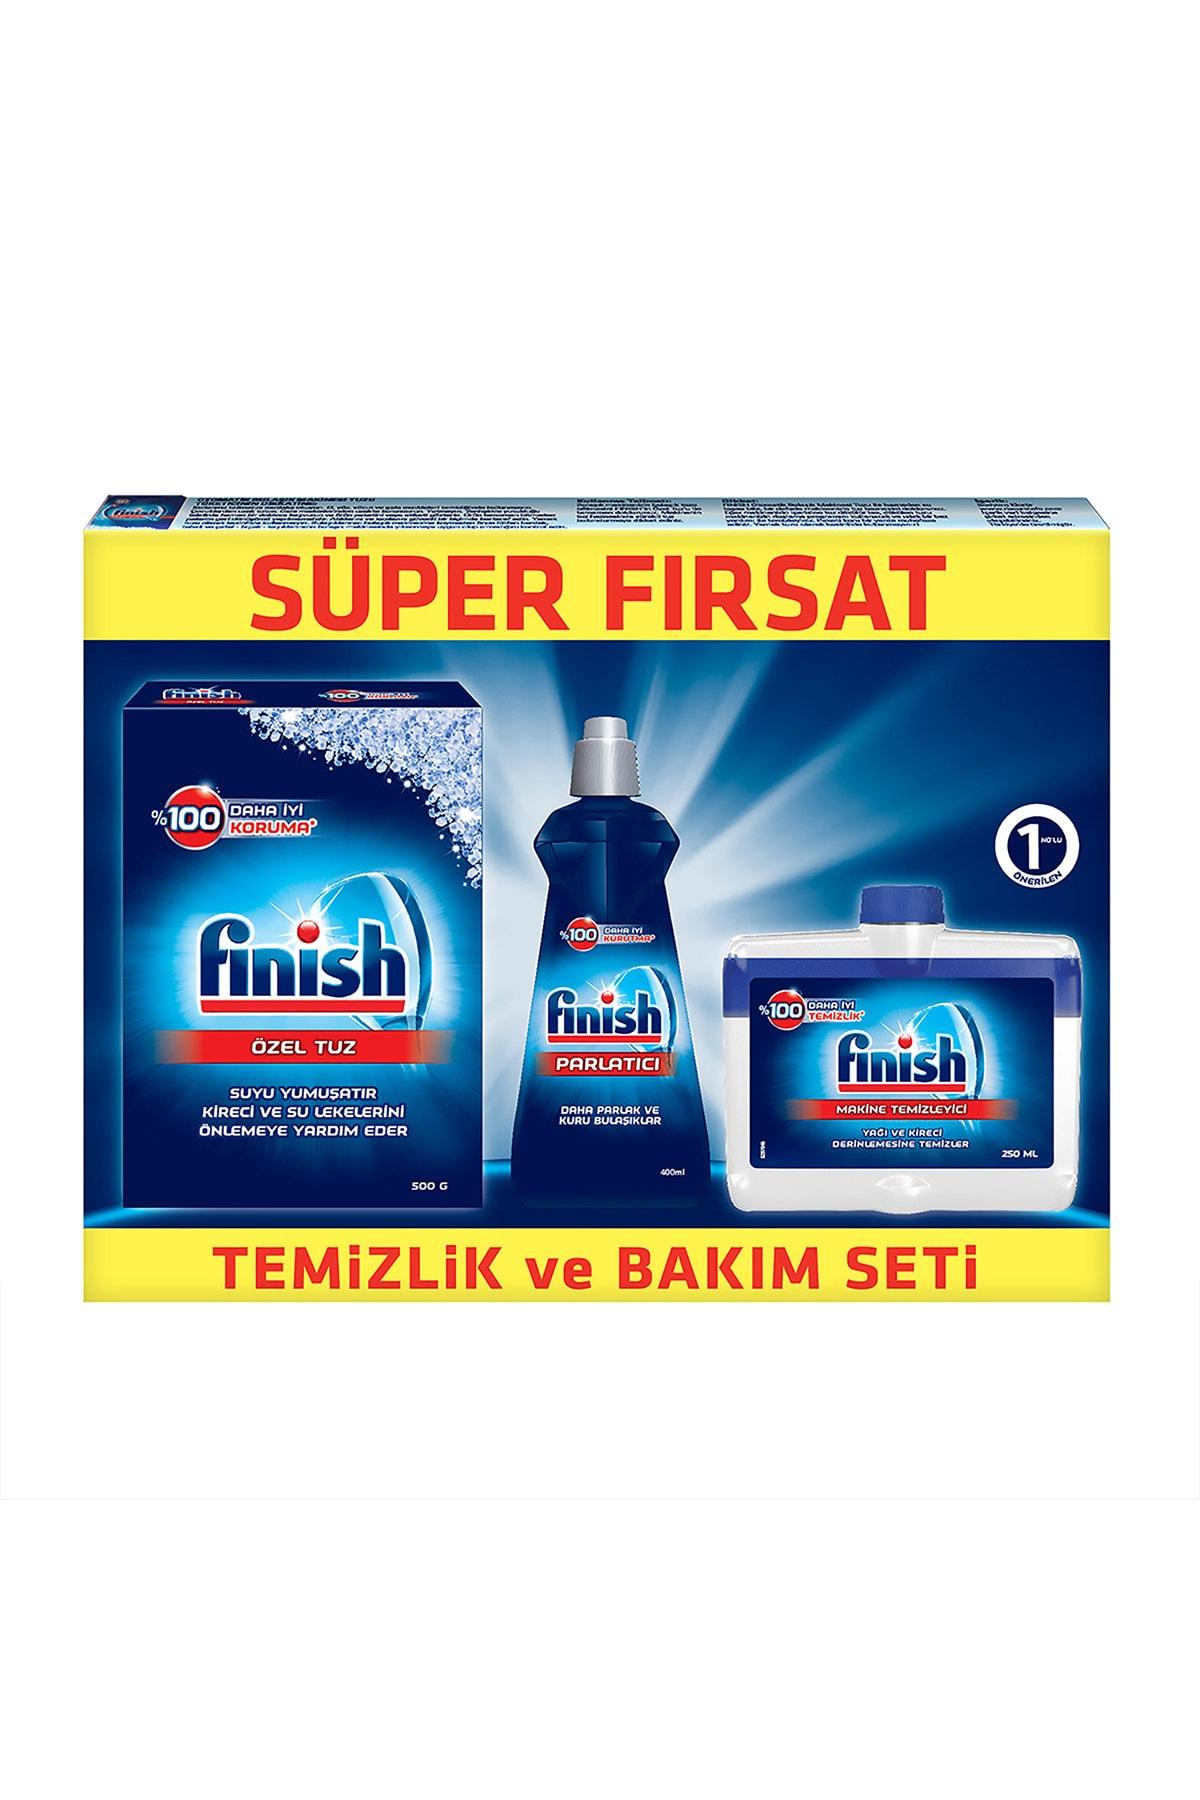 Finish Temizlik ve Bakım Seti (Parlatıcı 400 ml + Makine Temizleyici Sıvı 250 ml + Tuz 500 gr) 2